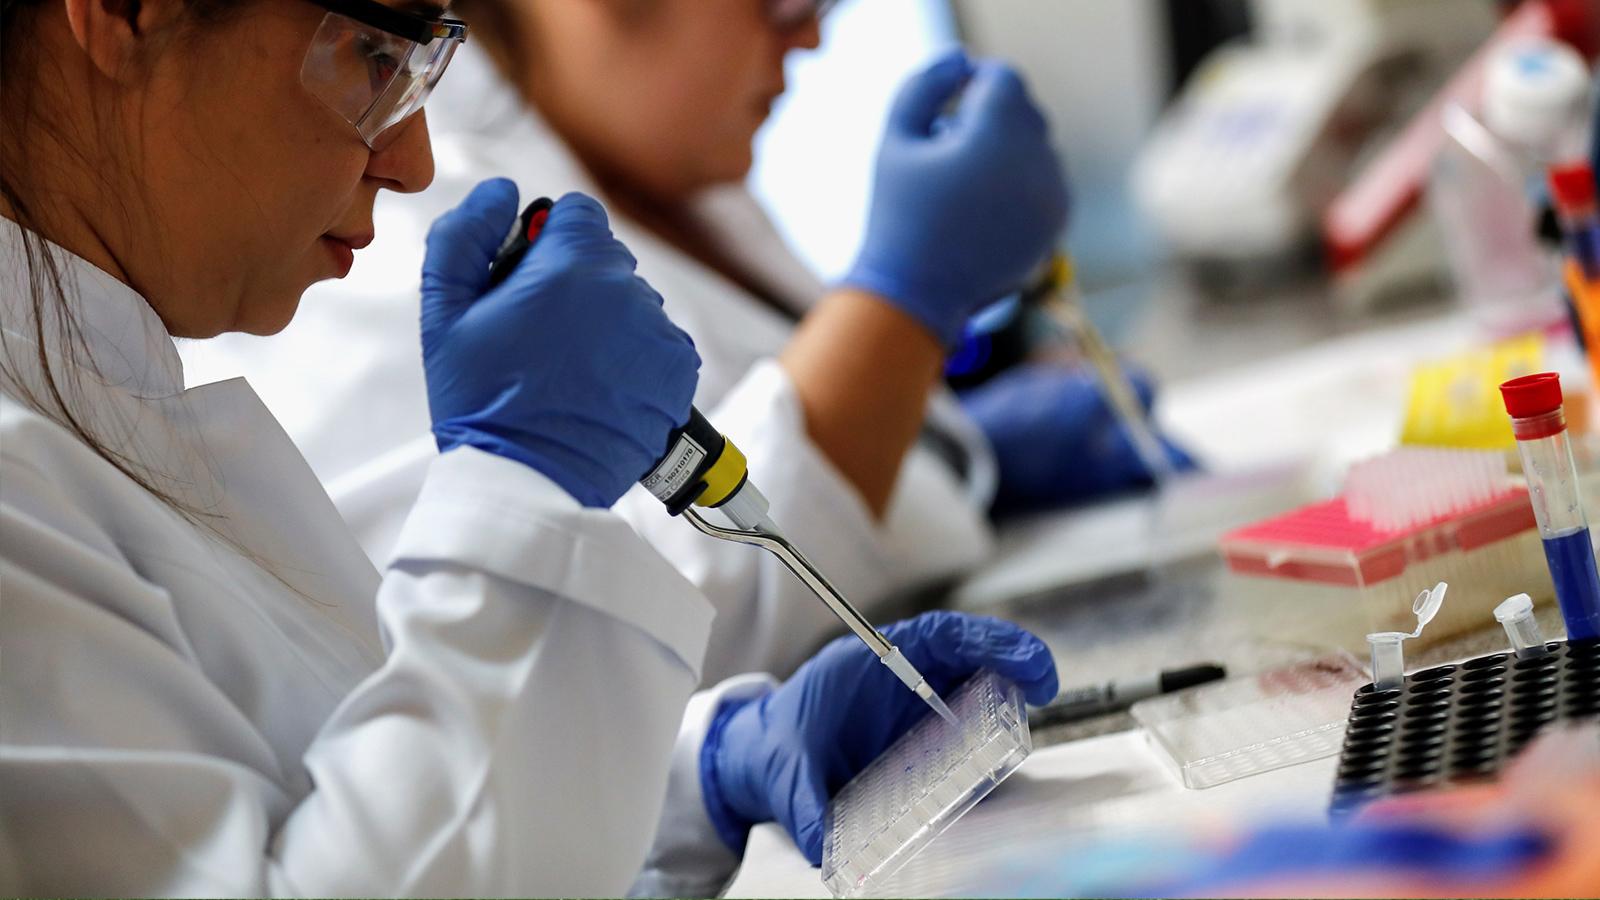 دراسة بريطانية حديثة: لقاح الأنفلونزا الموسمية قد يحمى من فيروس كورونا المستجد